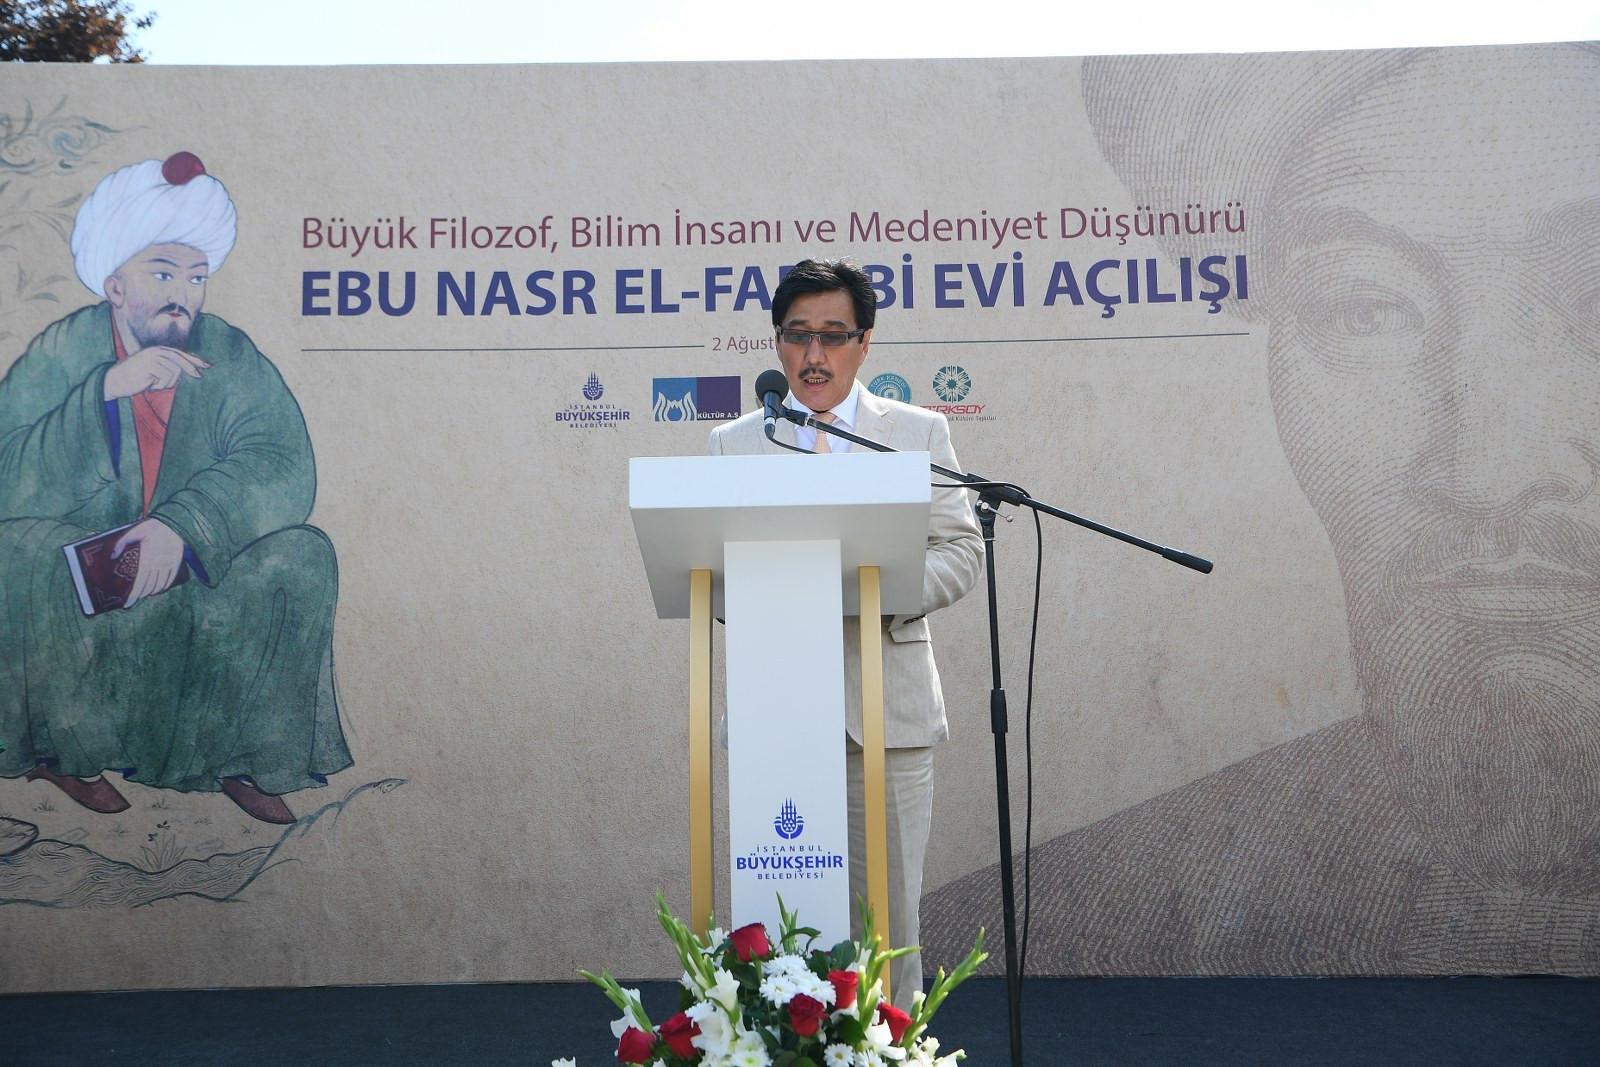 Ebu Nasr El Farabi Evi açıldı Galeri - 7. Resim